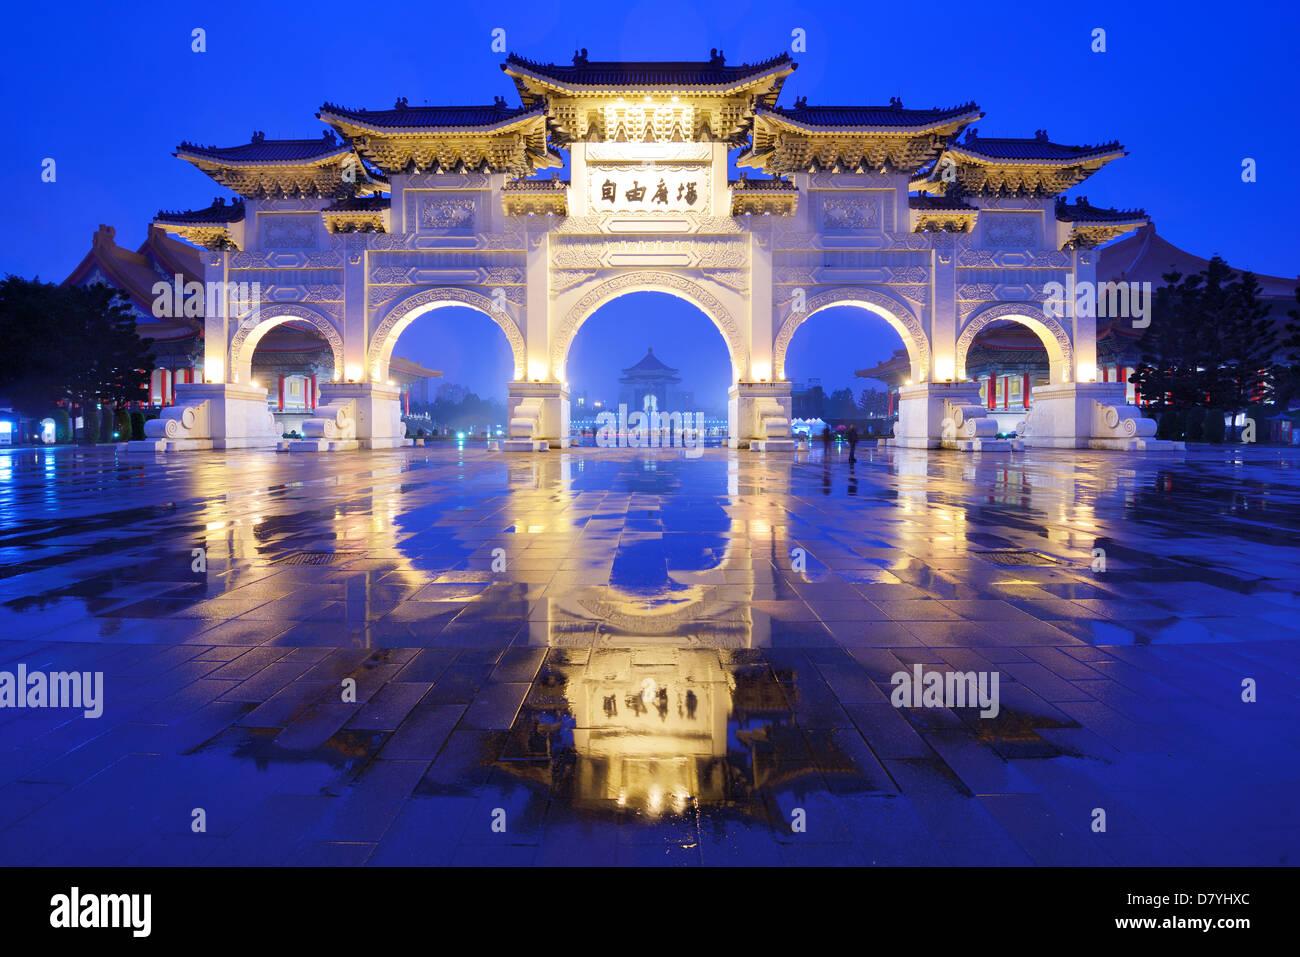 Arcos de la plaza de la libertad en Taipei, Taiwán. Imagen De Stock